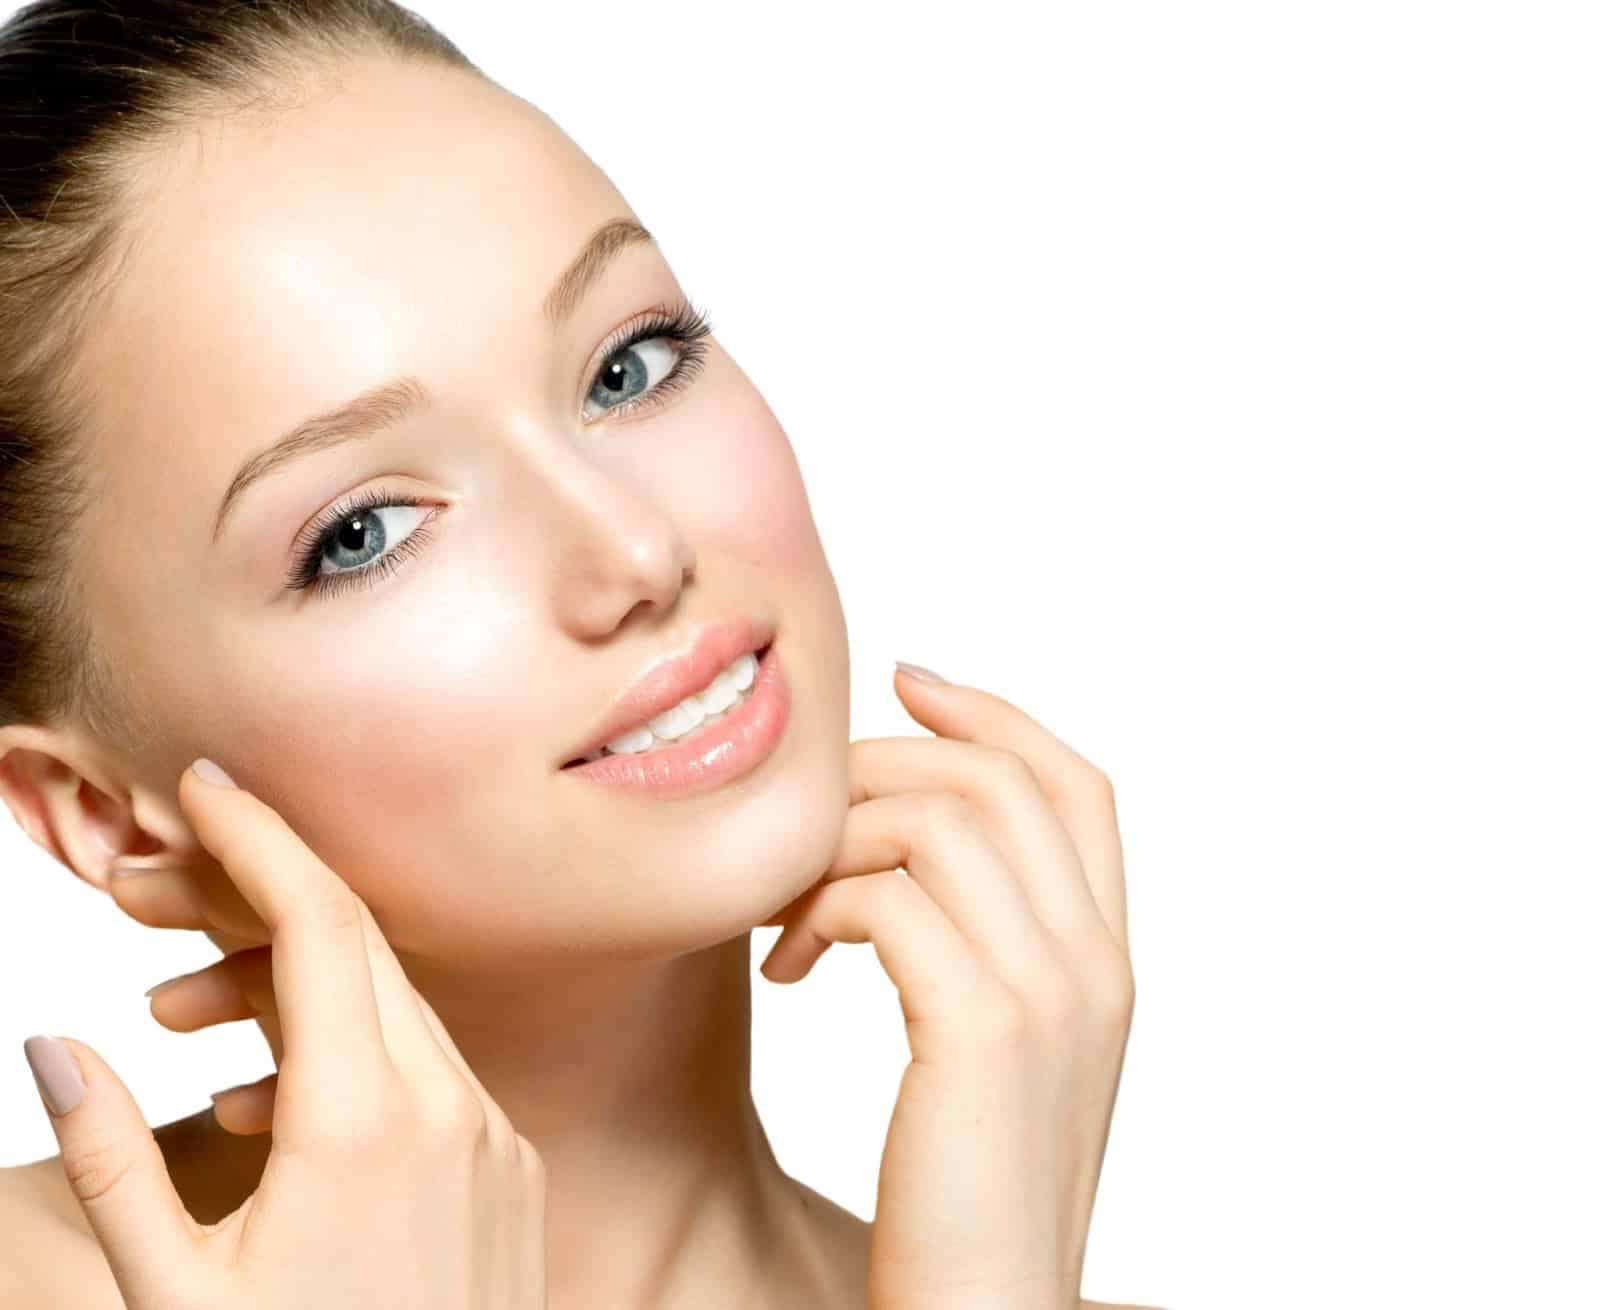 تنظيف الوجه من الشعر الزائد لن يكون شاقا بهذه الخلطات